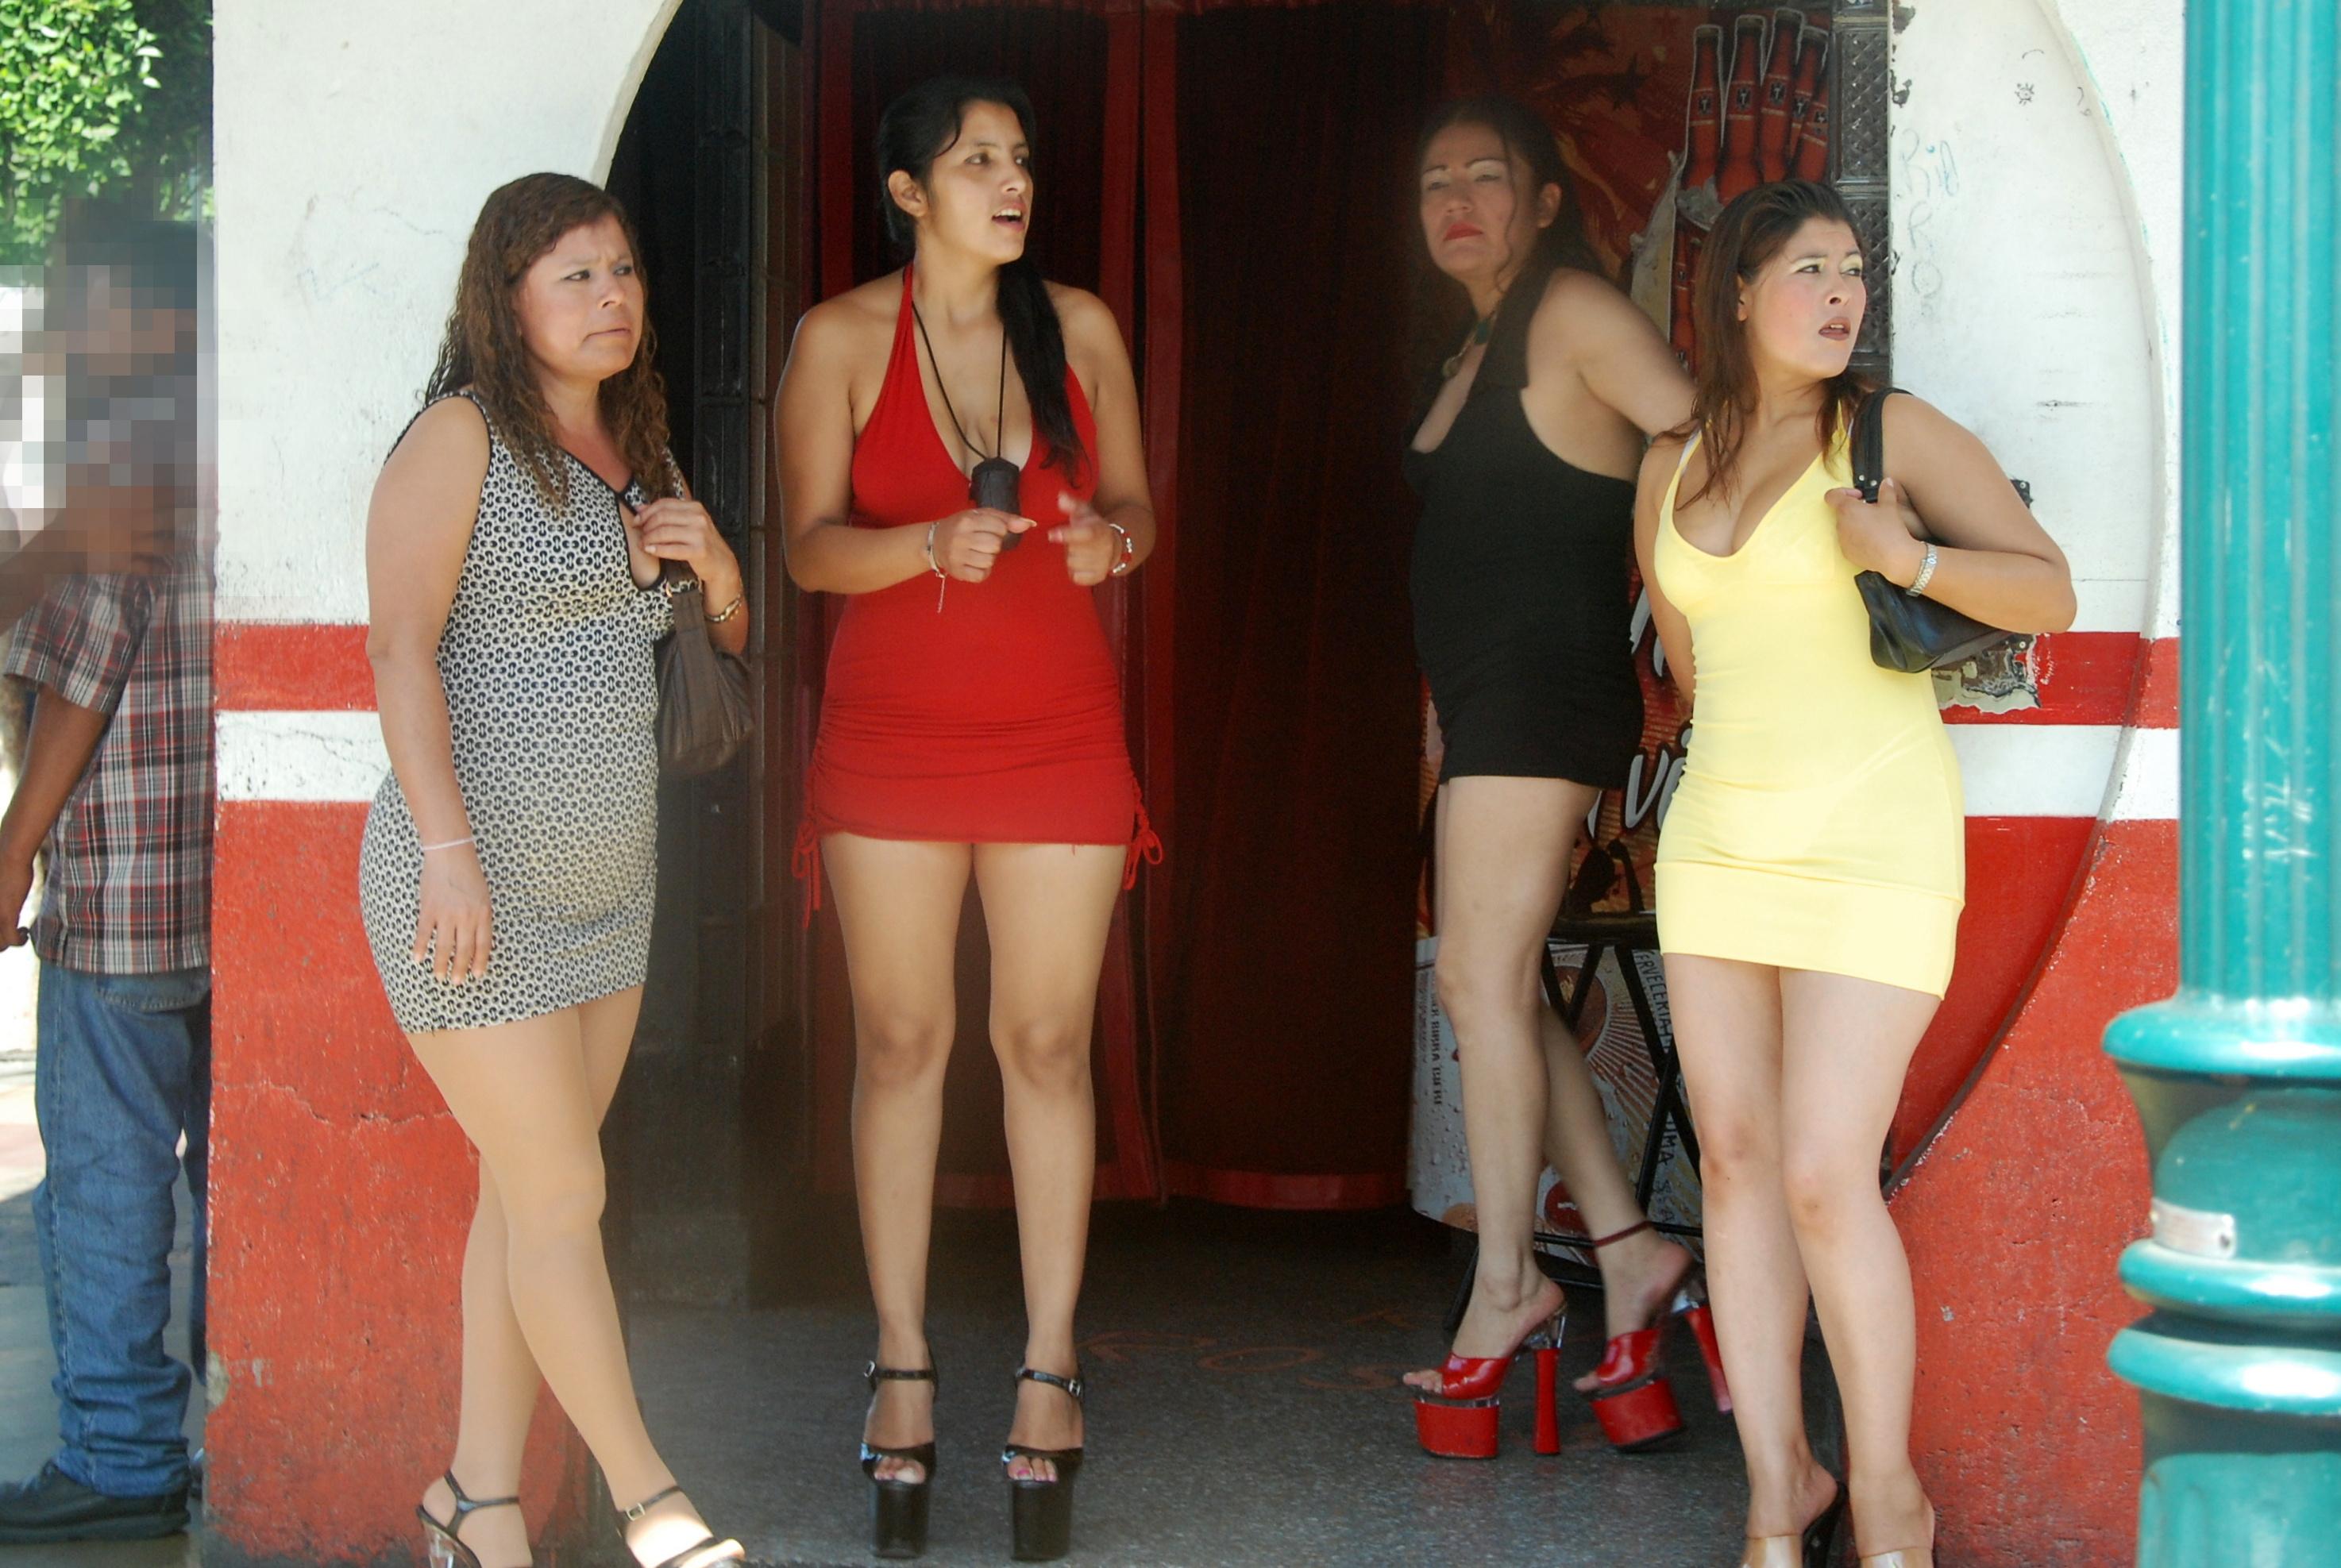 Travestis Procurando Medellin Equador-96365